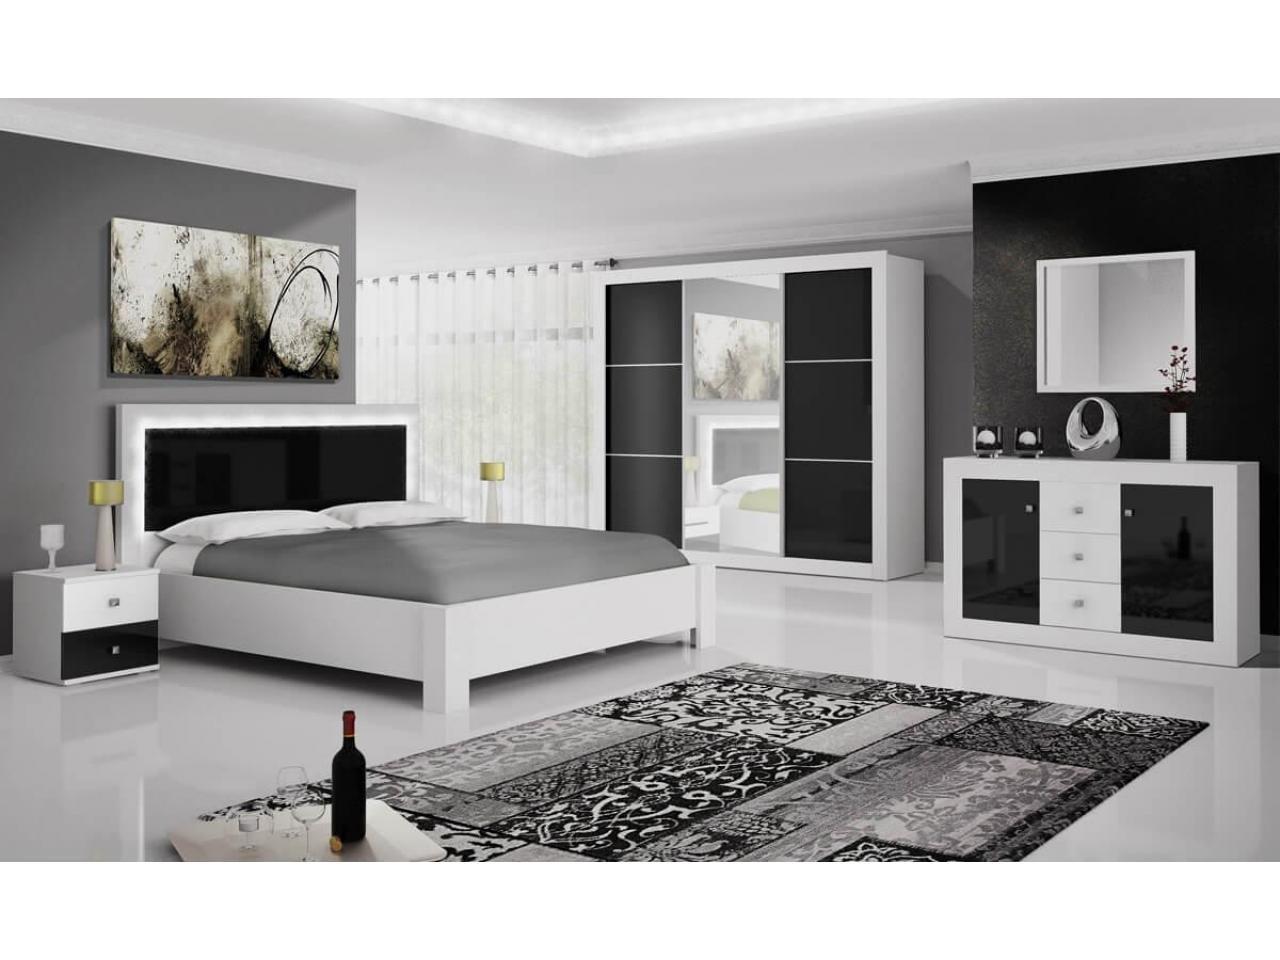 Furnipol -спальни по доступным ценам - 8